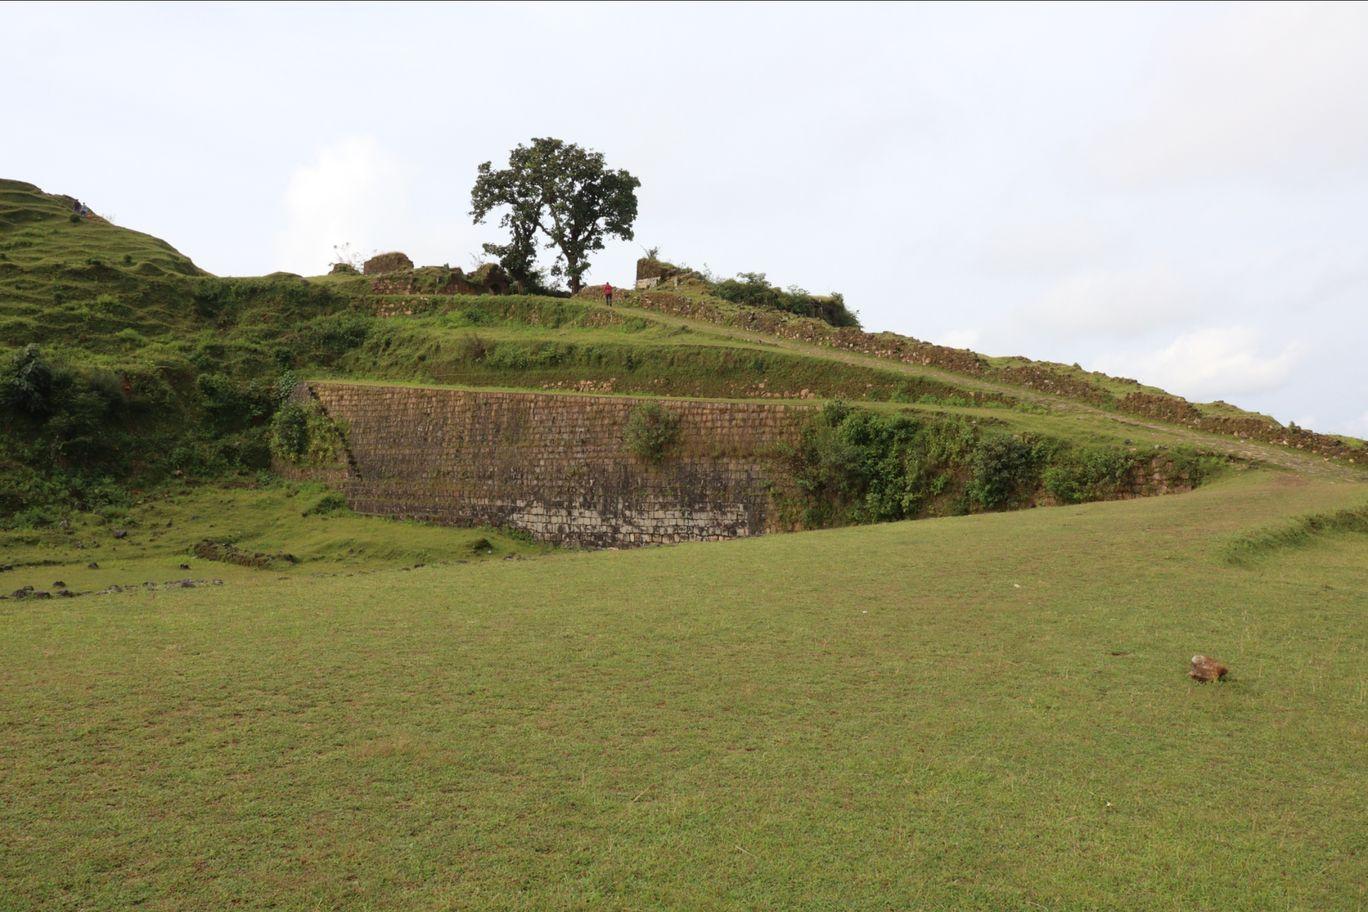 Photo of Nagara Fort By Kural Sethupathi